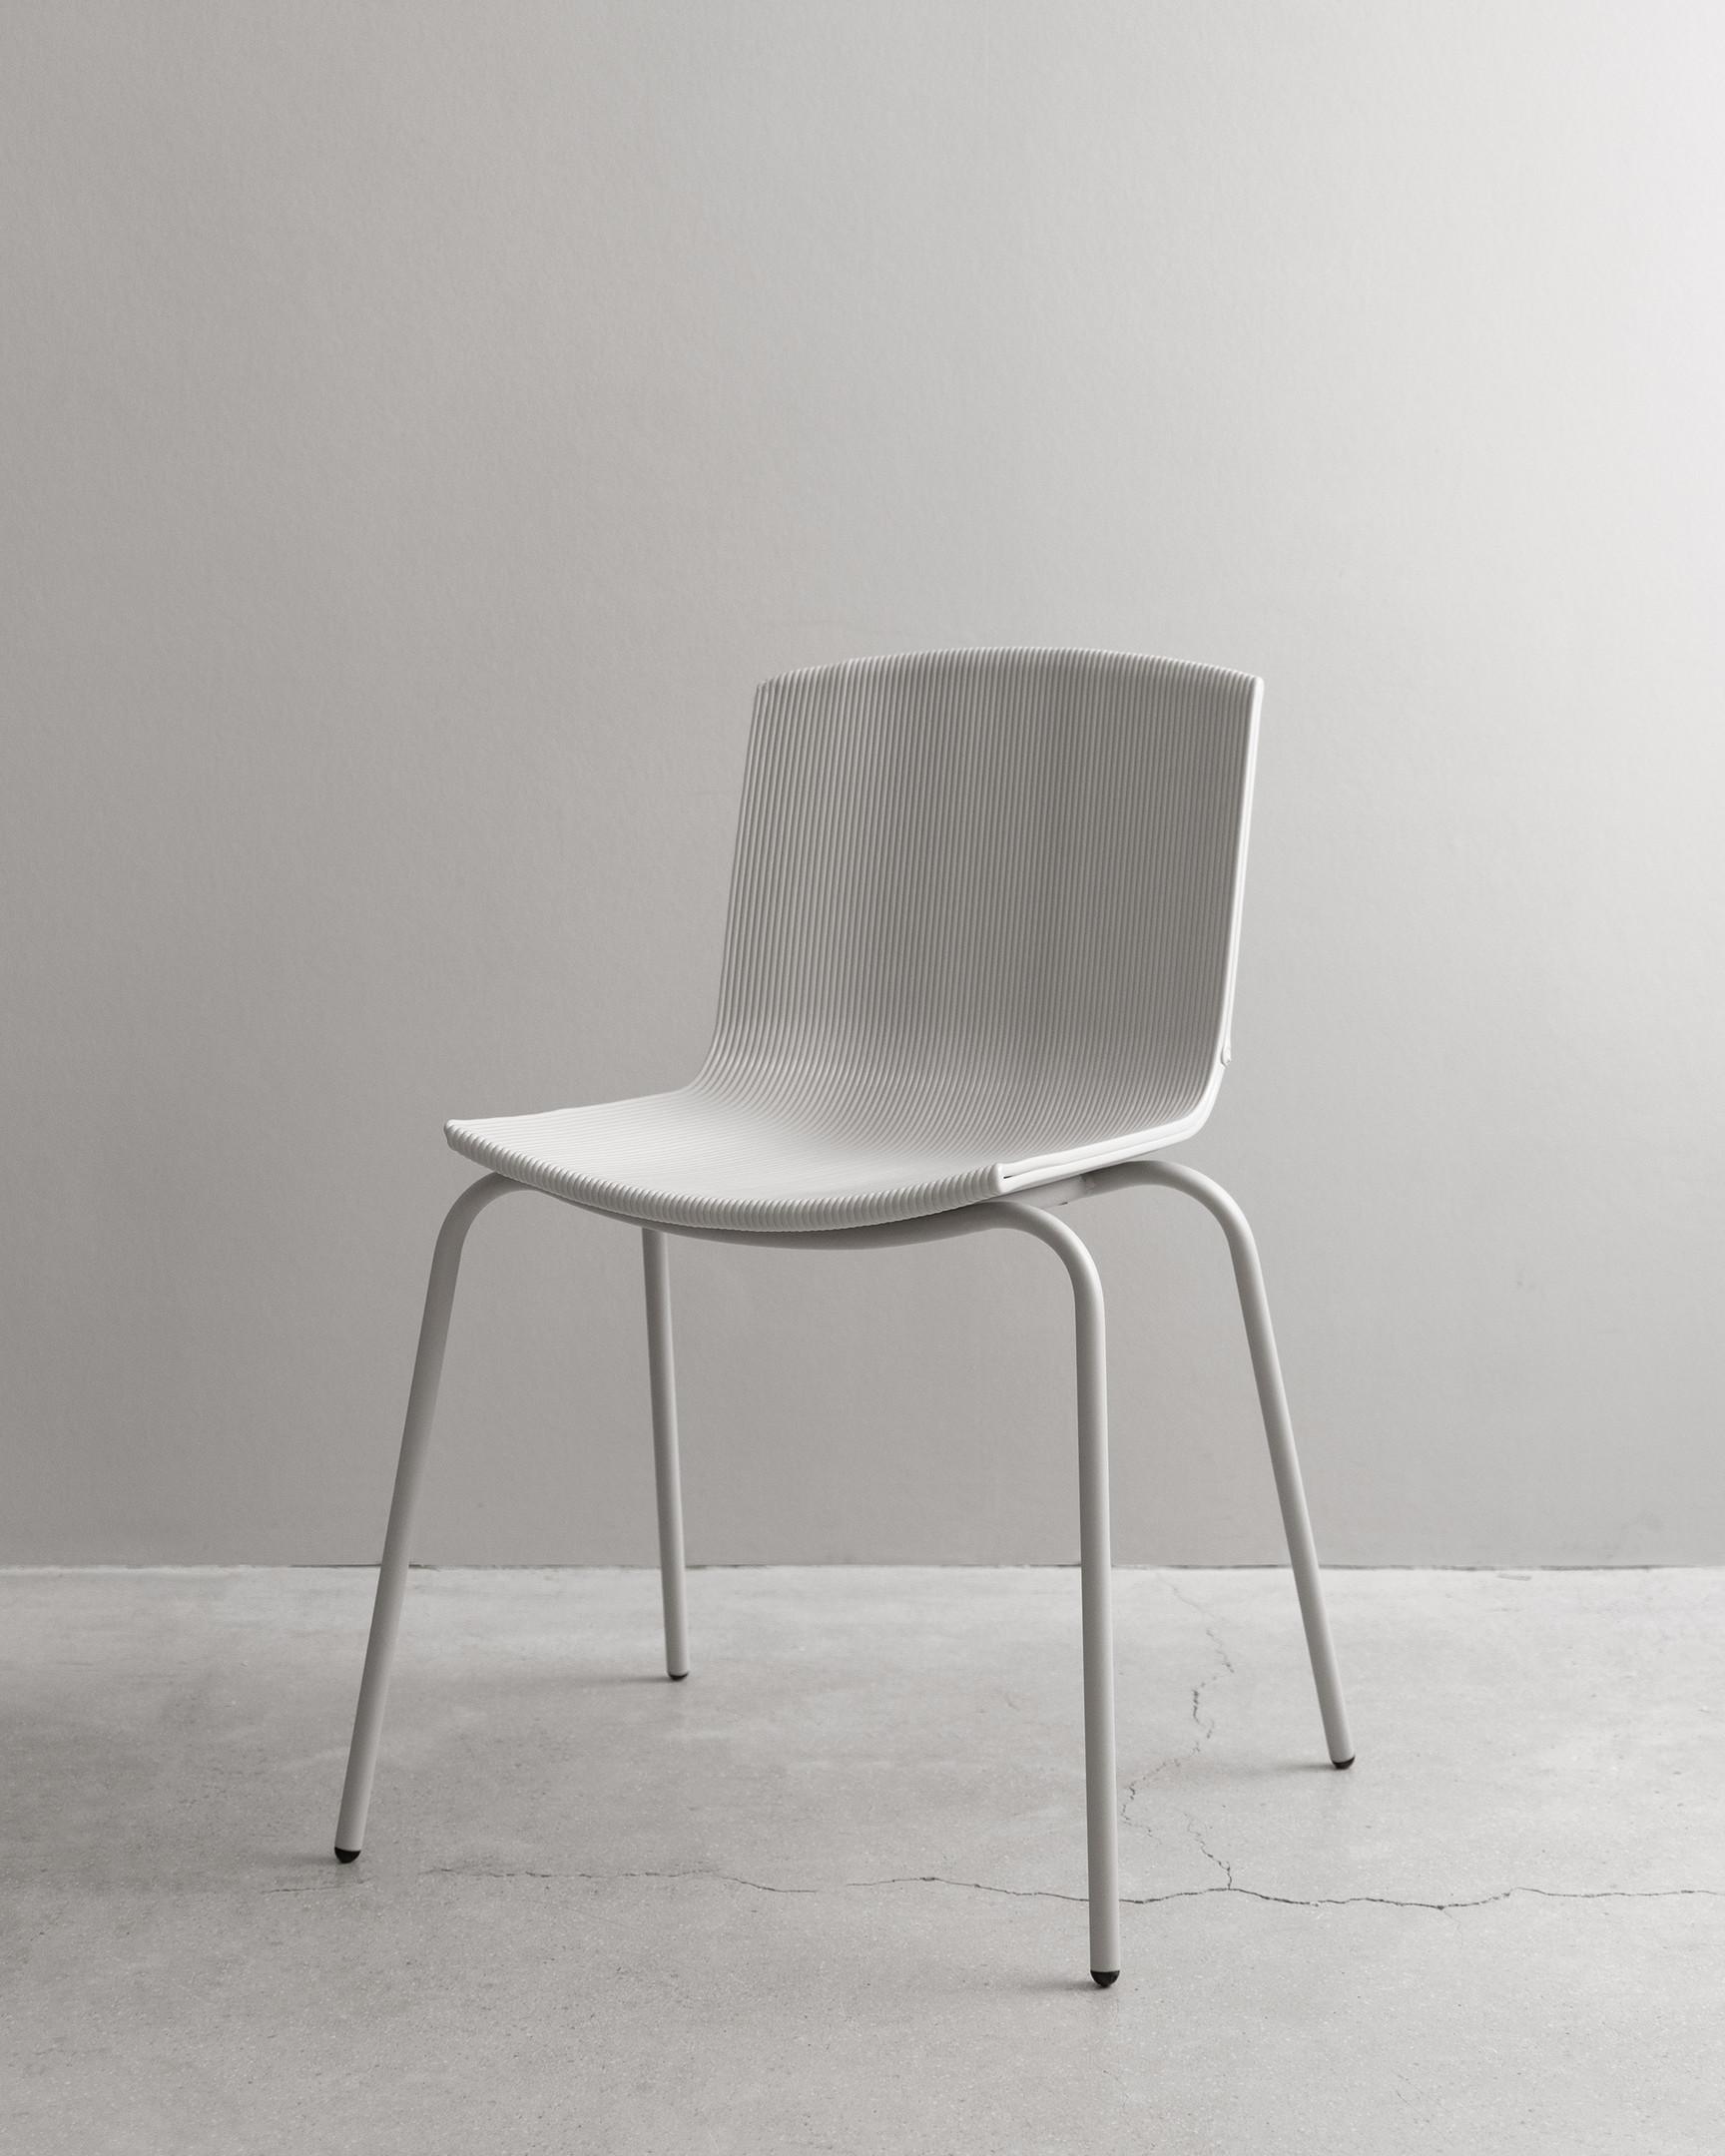 С заботой об экологии: российский бренд Delo Design представил стул из переработанного пластика